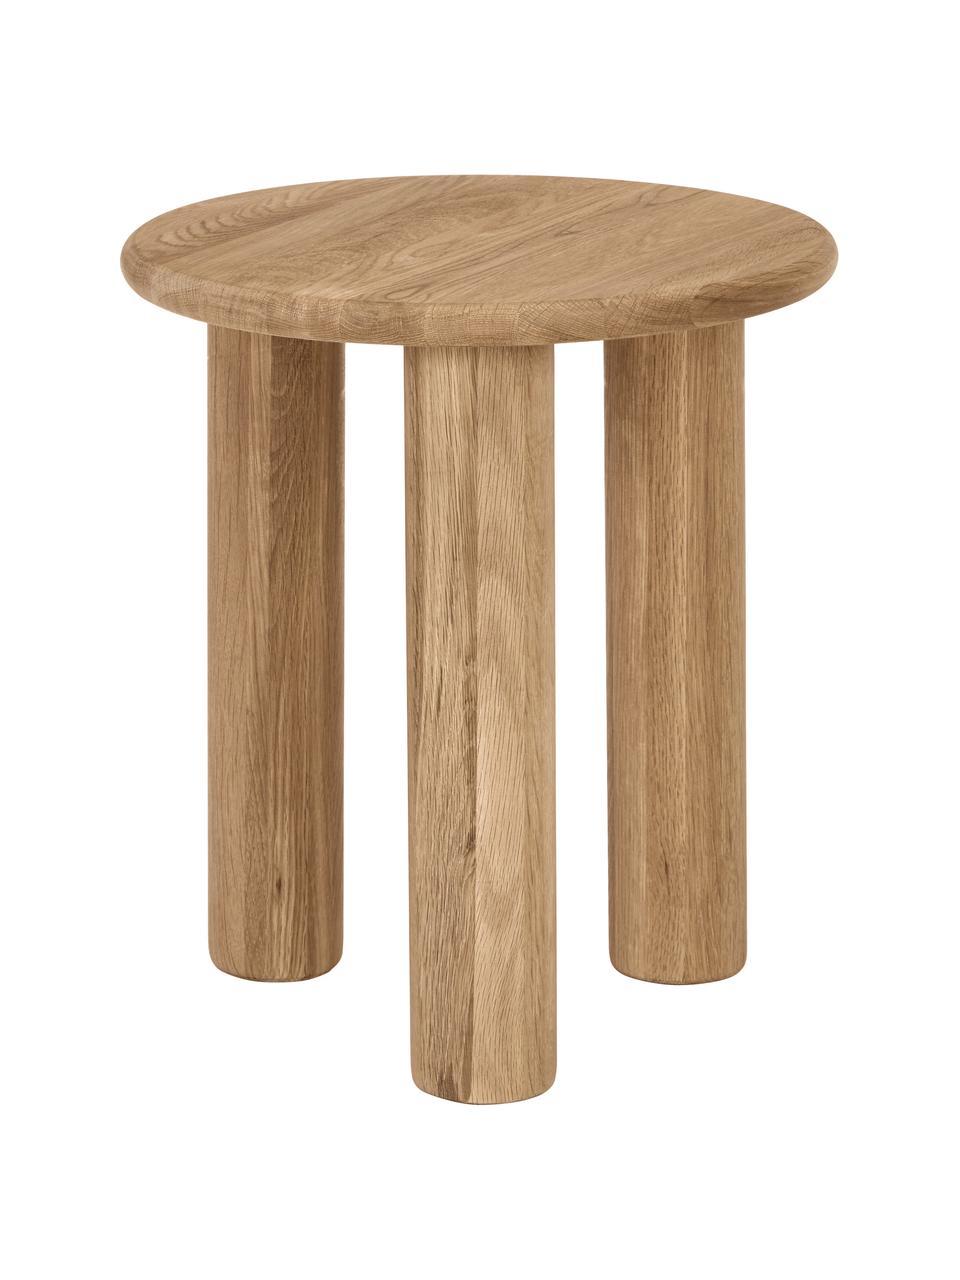 Tavolino rotondo in legno di quercia Didi, Legno massiccio di quercia oliato, Marrone, Ø 40 x Alt. 45 cm